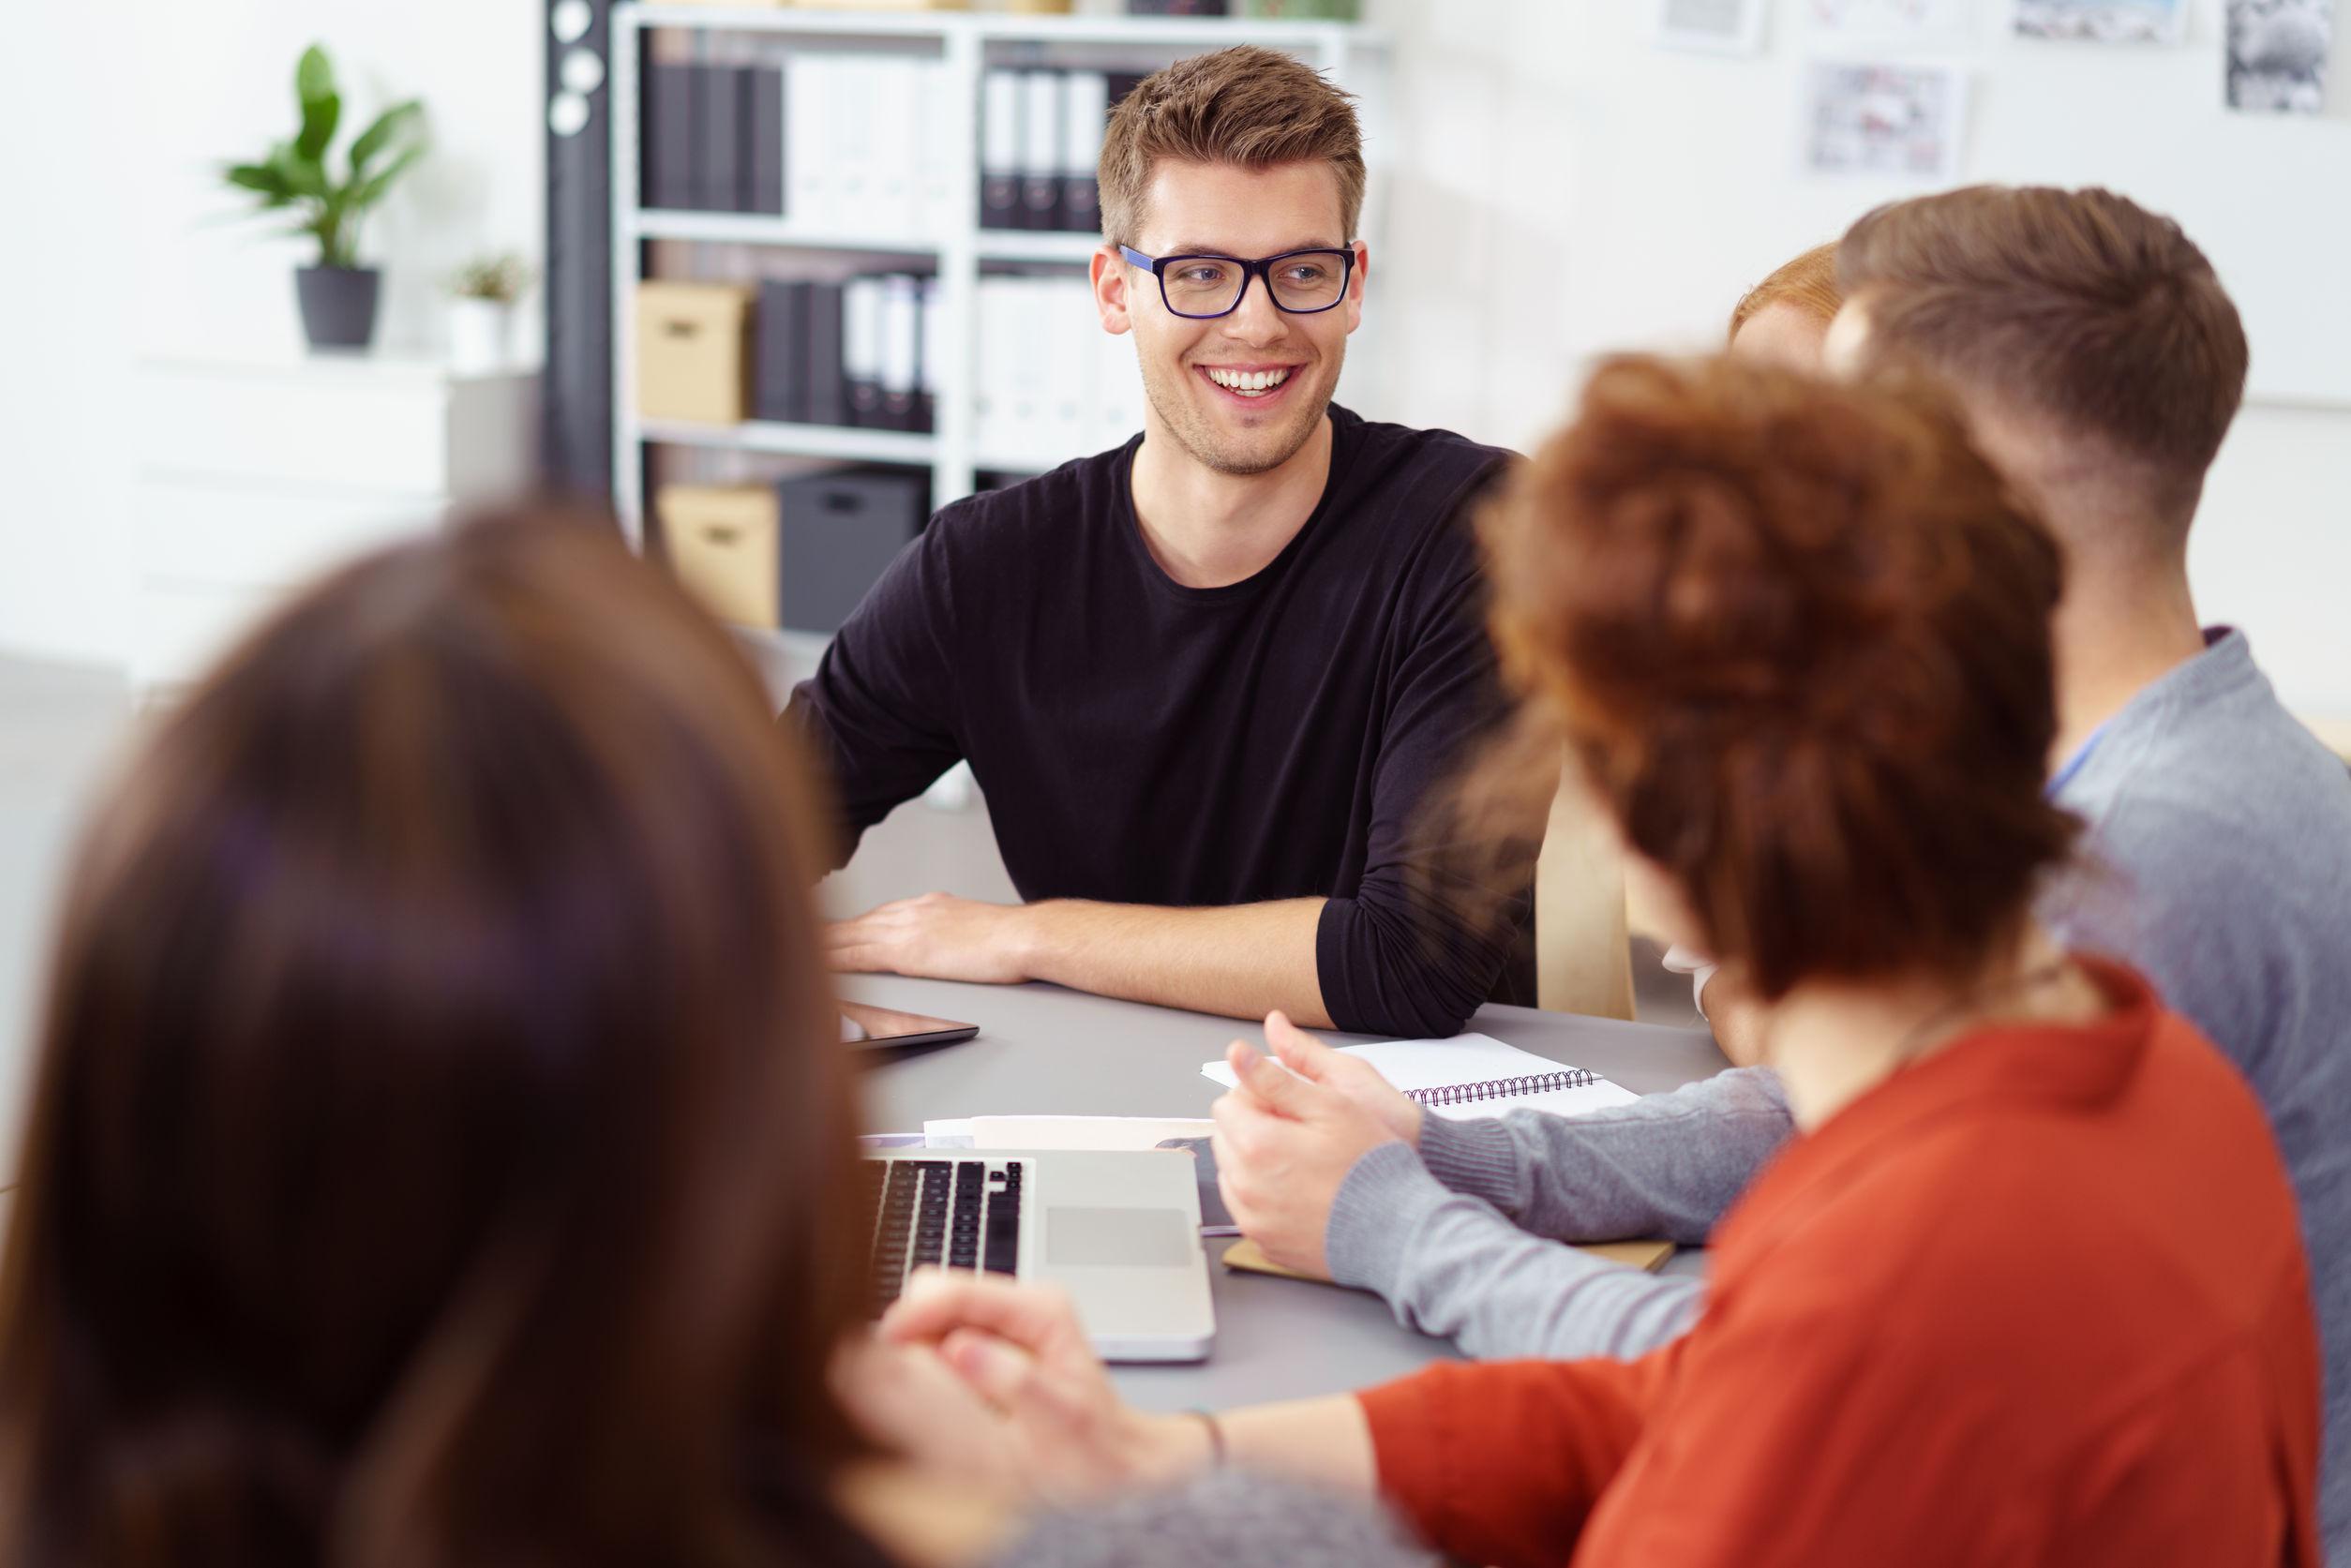 Egy fiatal férfi mosolyog a kollégáira egy irodai megbeszélésen.